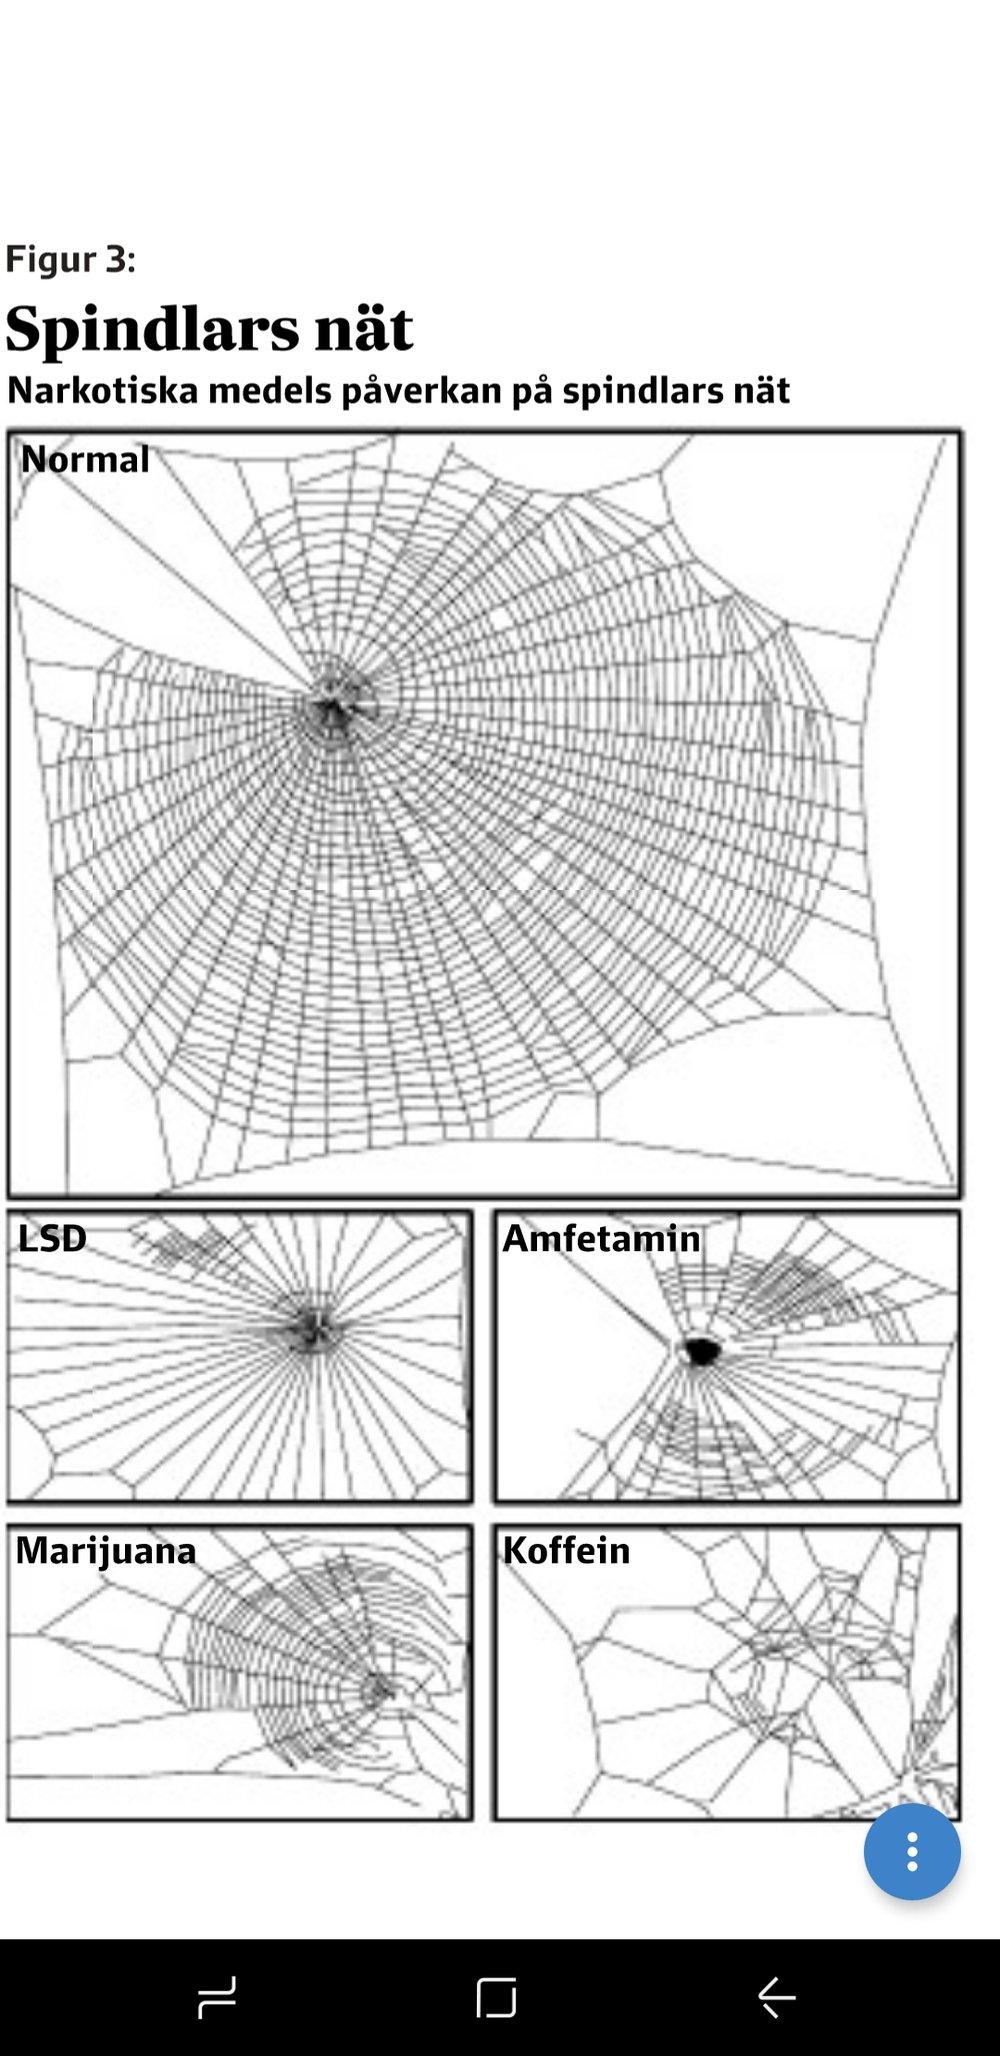 Experiment som gjordes på 1980-talet - visar hur olika kemiska preparat påverkade spindlar förmåga att spinna nät.